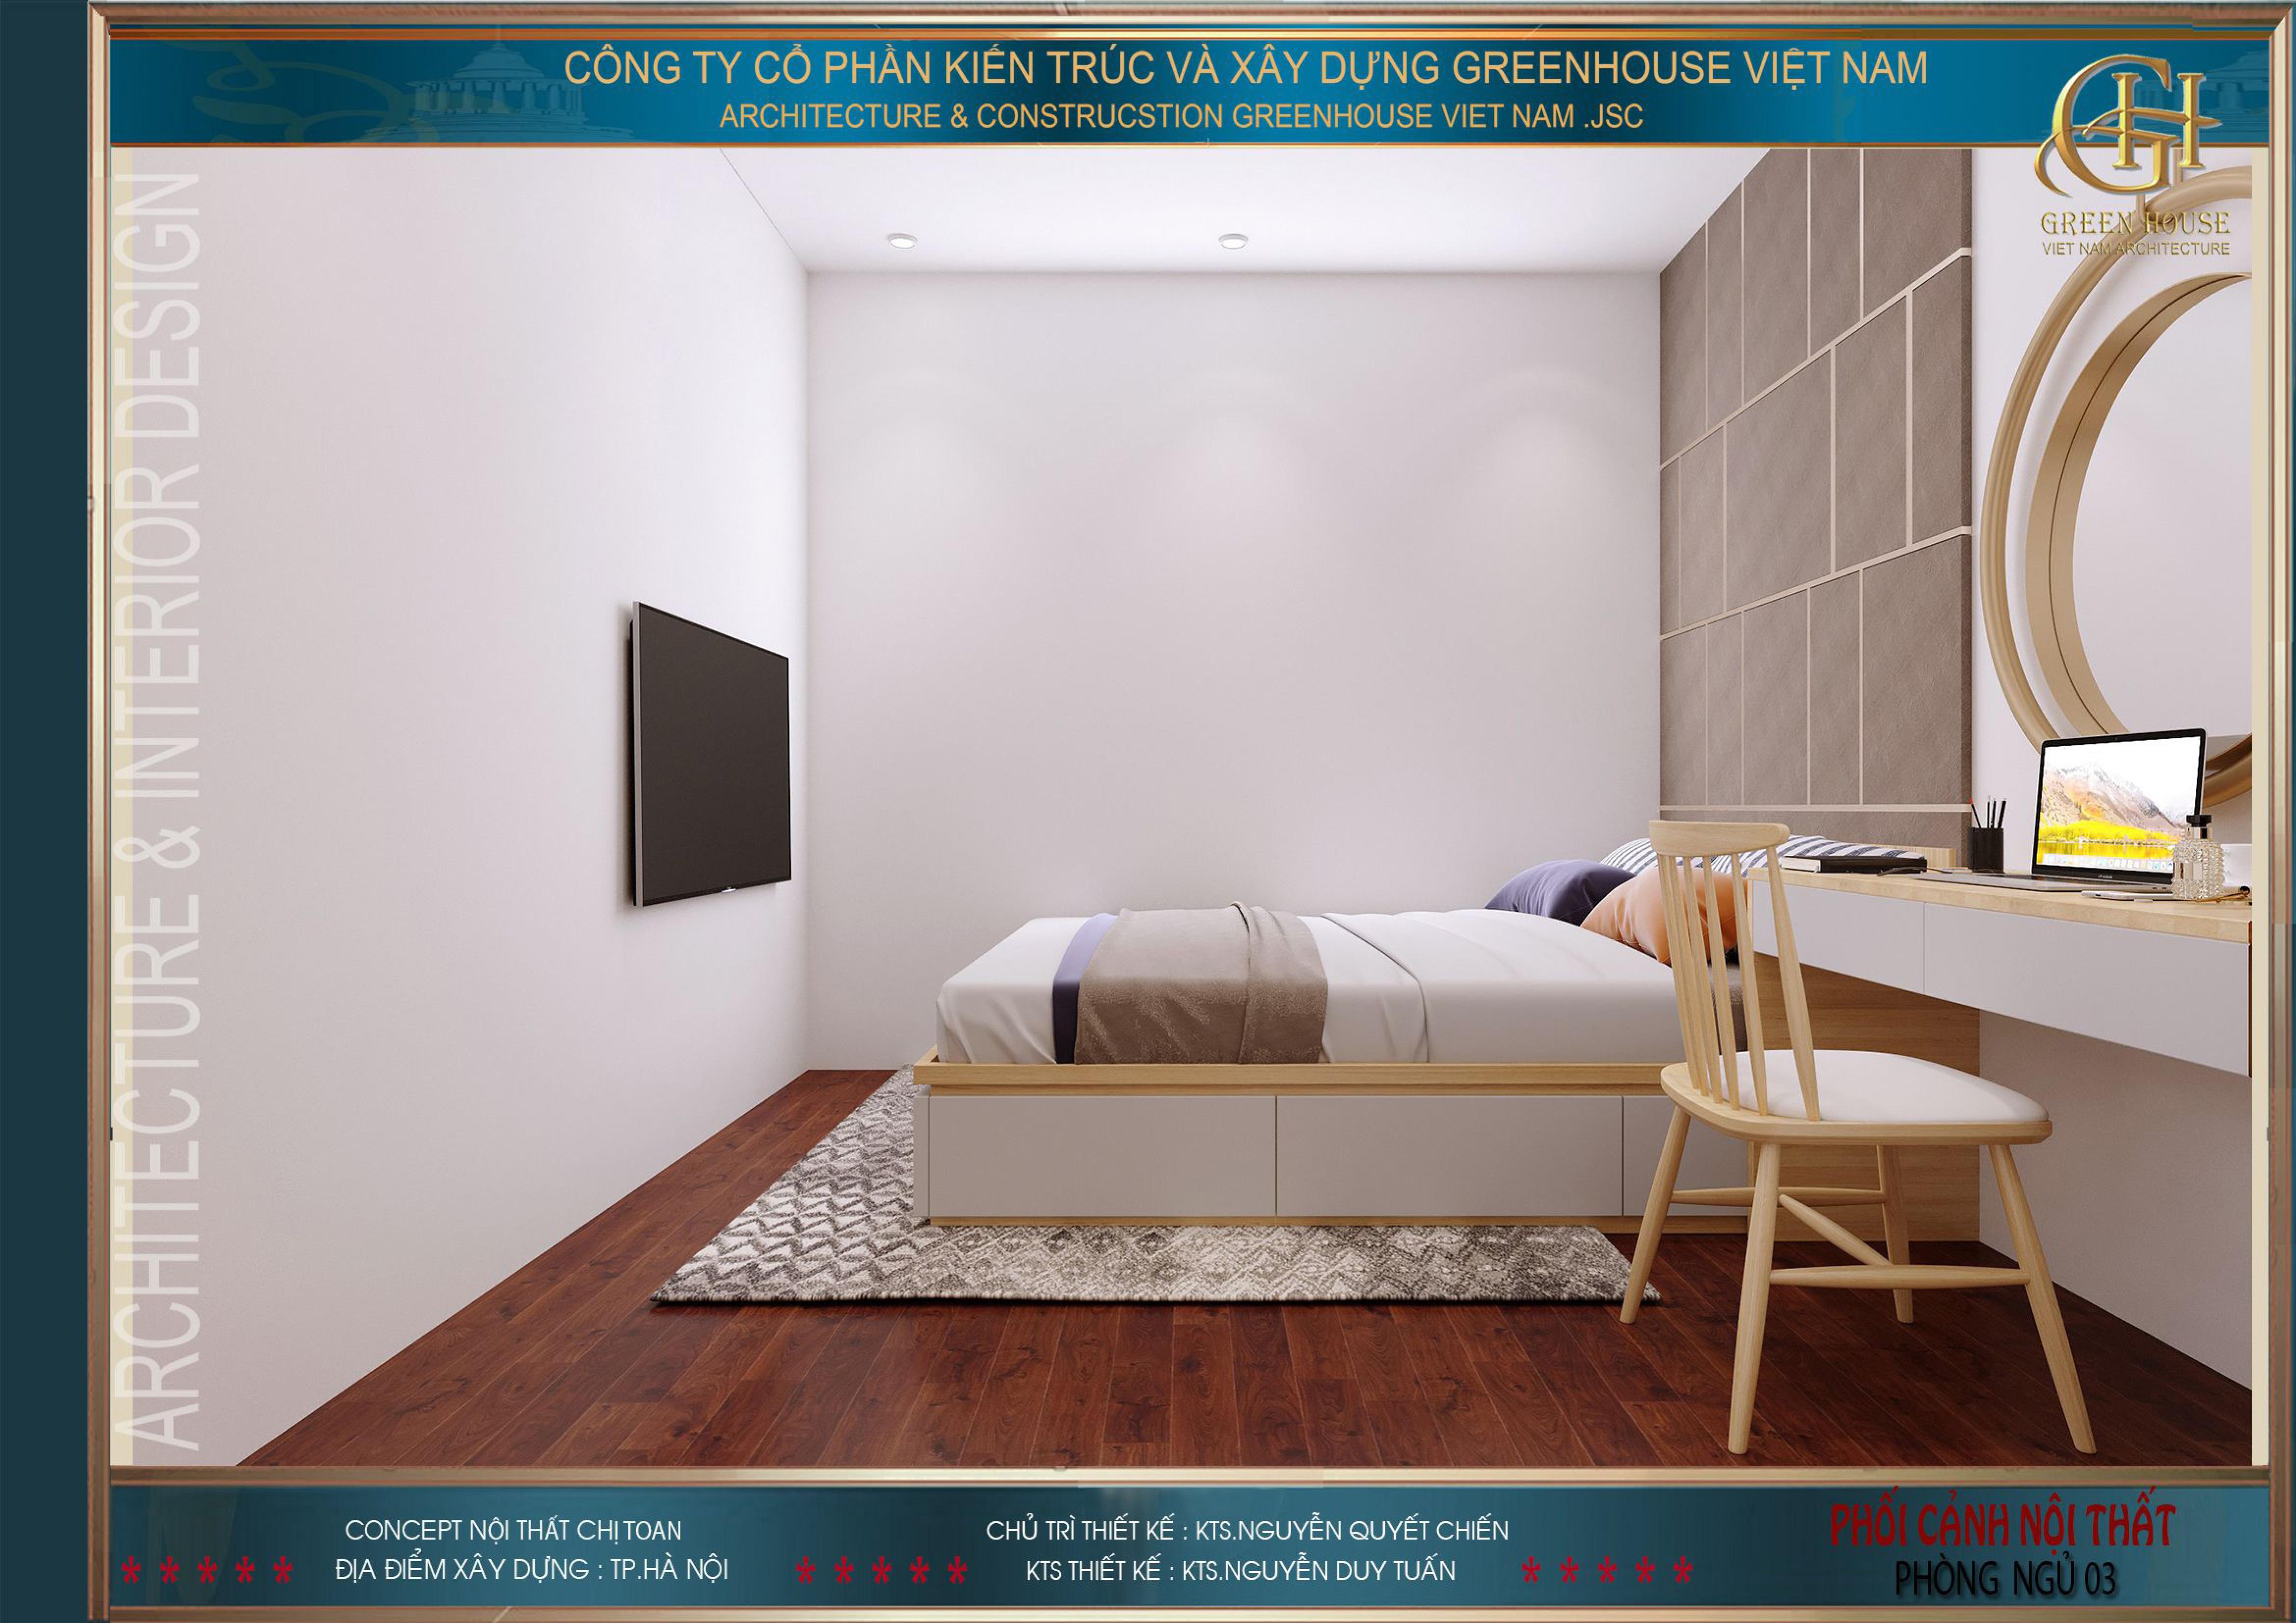 Phòng ngủ số 3 cũng được thiết kế với những đồ nội thất cơ bản